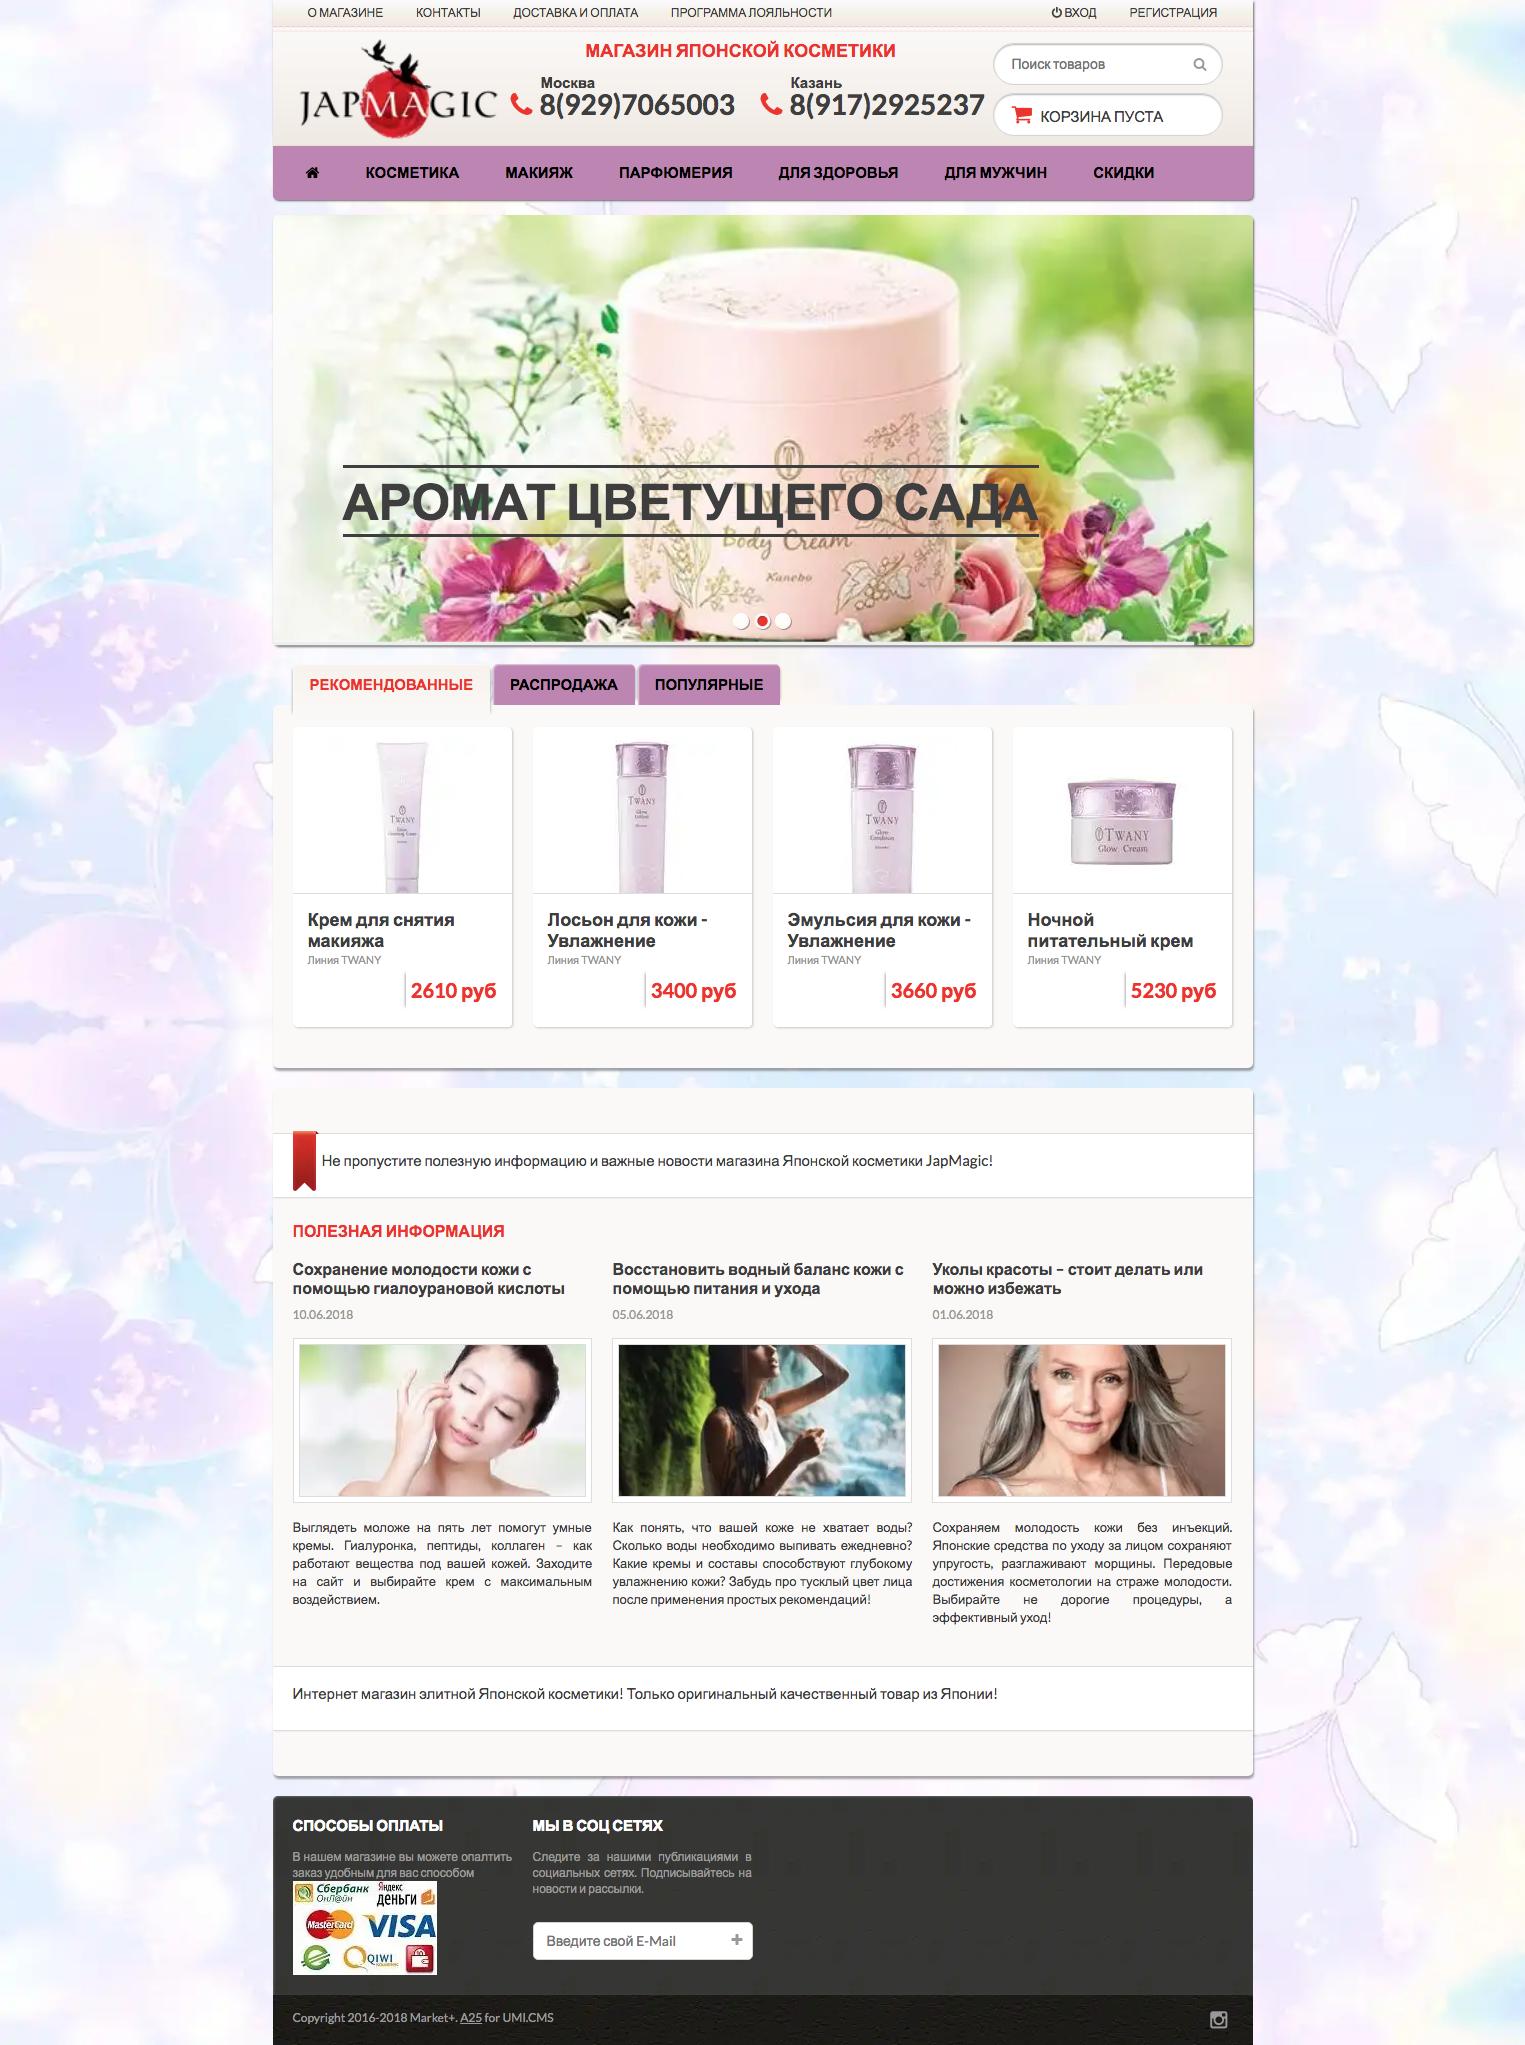 Пример внедрения готовый интернет-магазин косметики на UMI.CMS (magaz.a25.ru Market+)